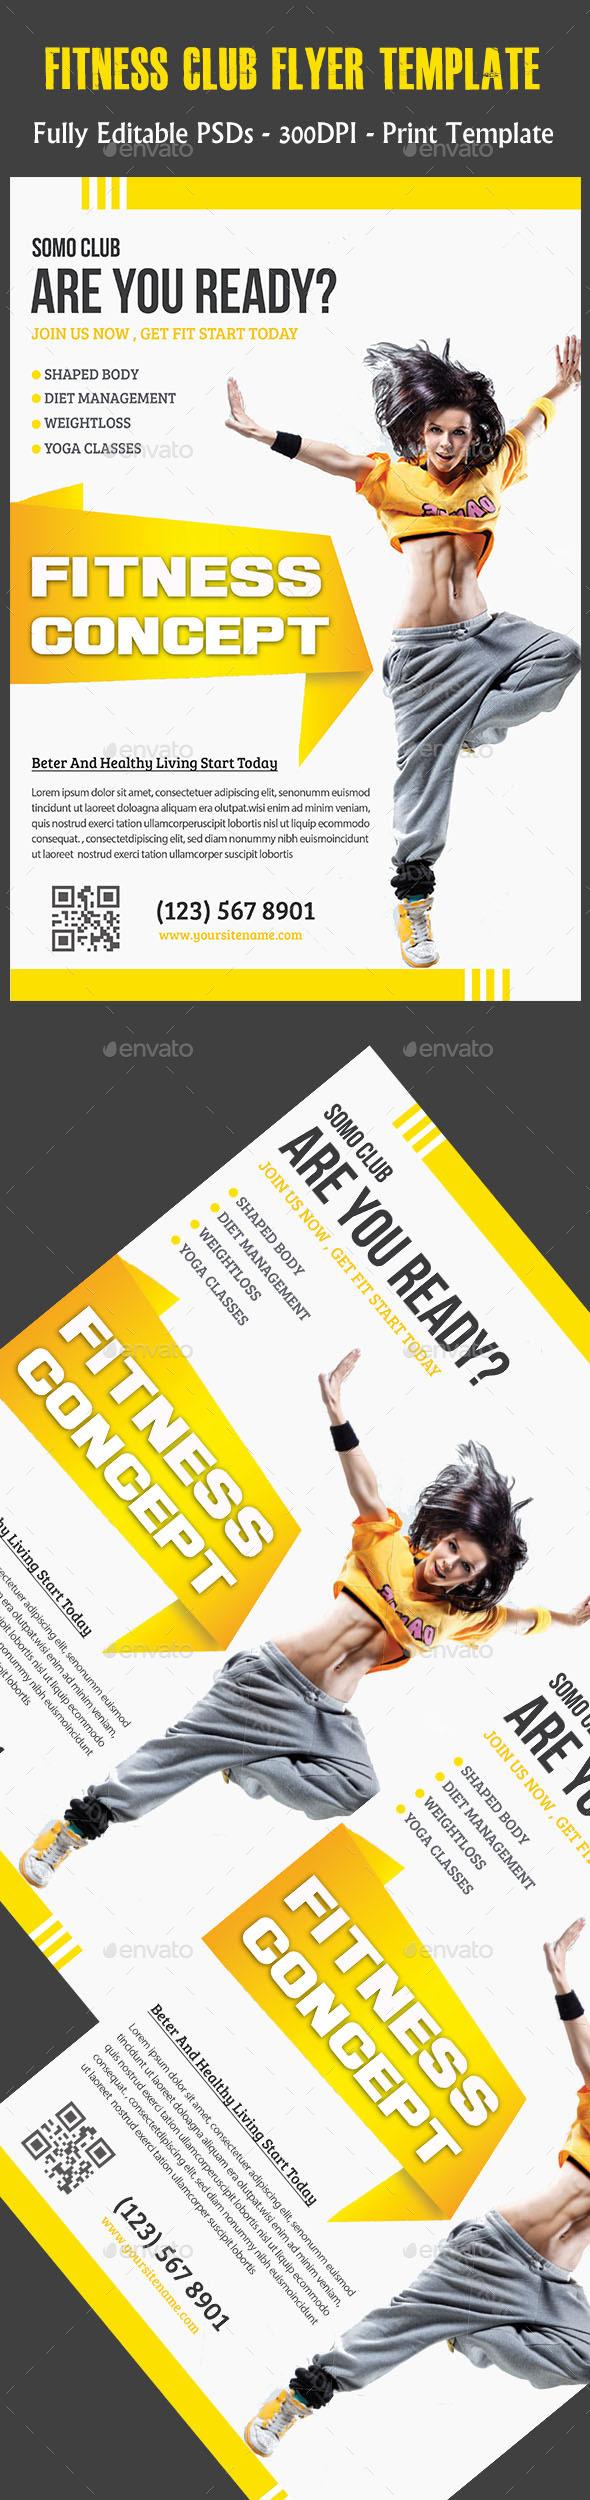 Fitness Club Flyer - Flyers Print Templates